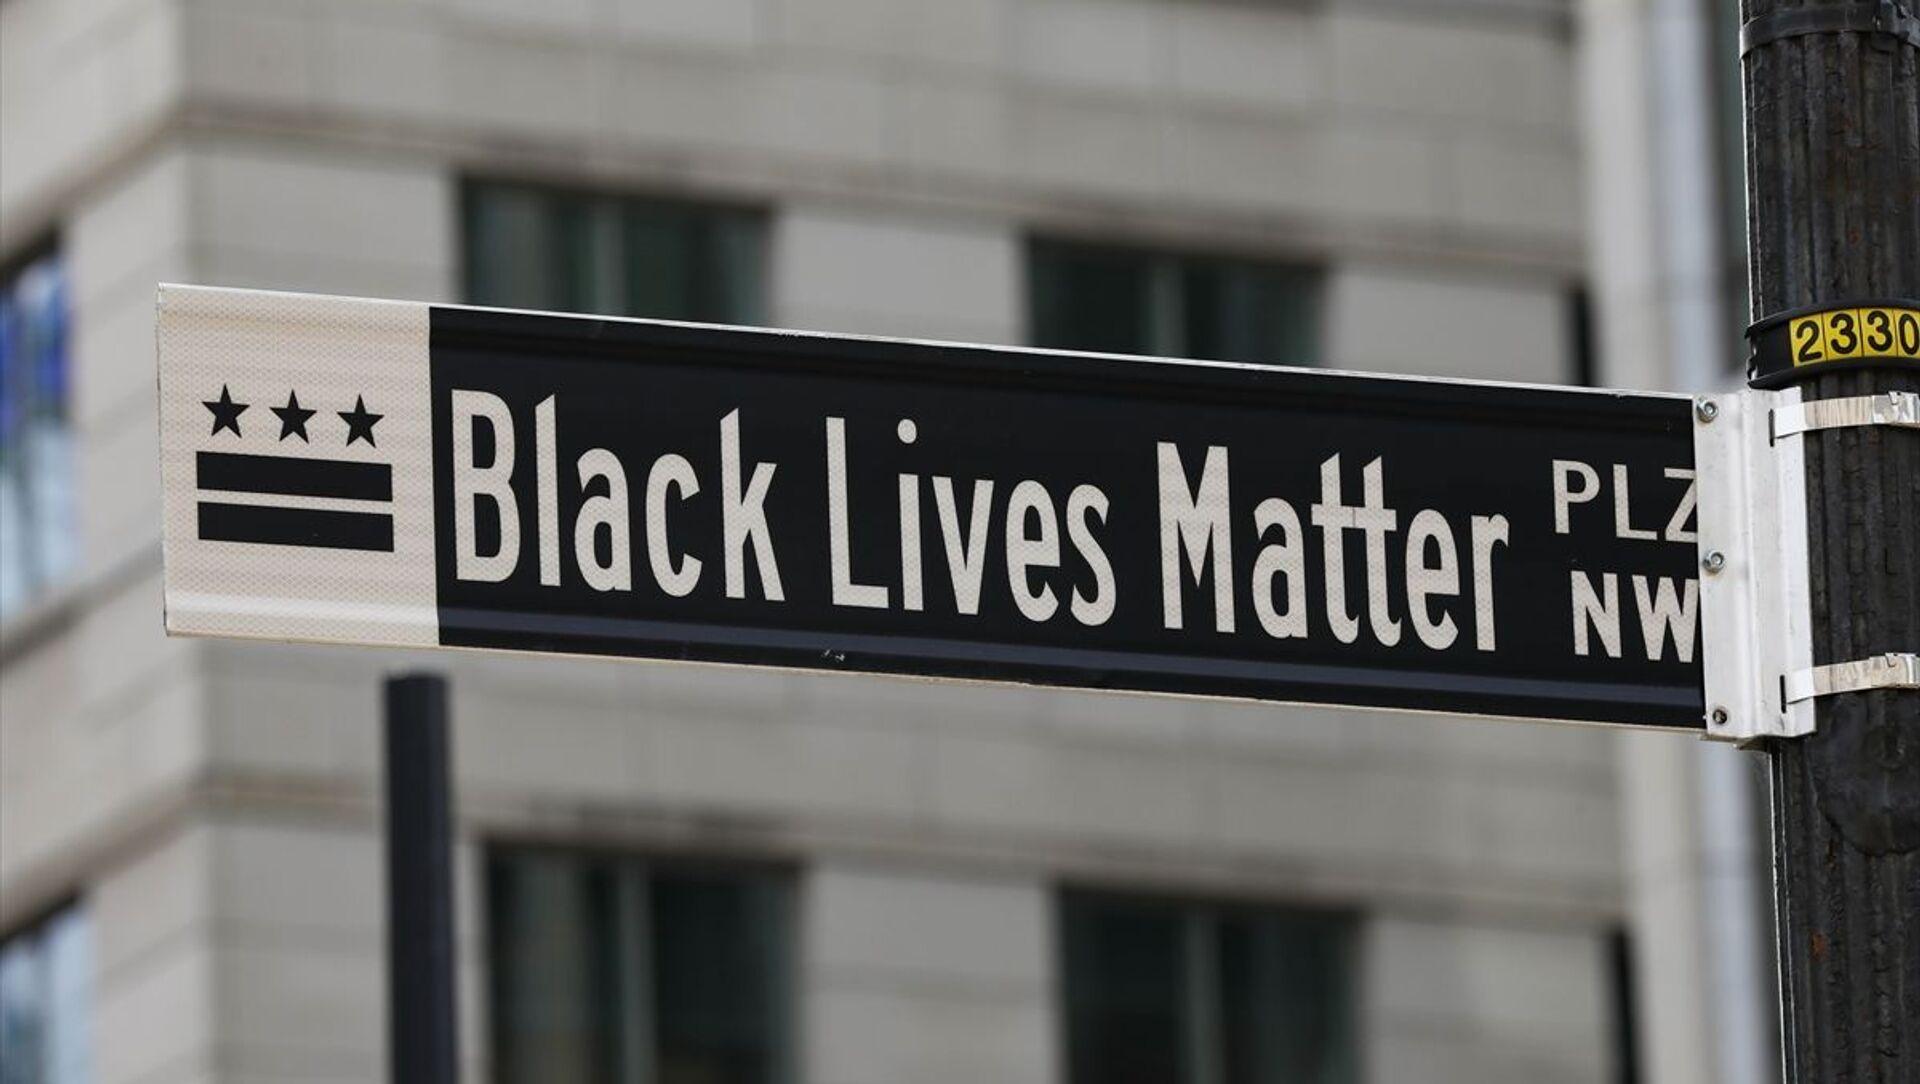 Beyaz Saray yakınlarındaki caddenin adı 'Black Lives Matter' olarak değiştirildi - Sputnik Türkiye, 1920, 19.05.2021